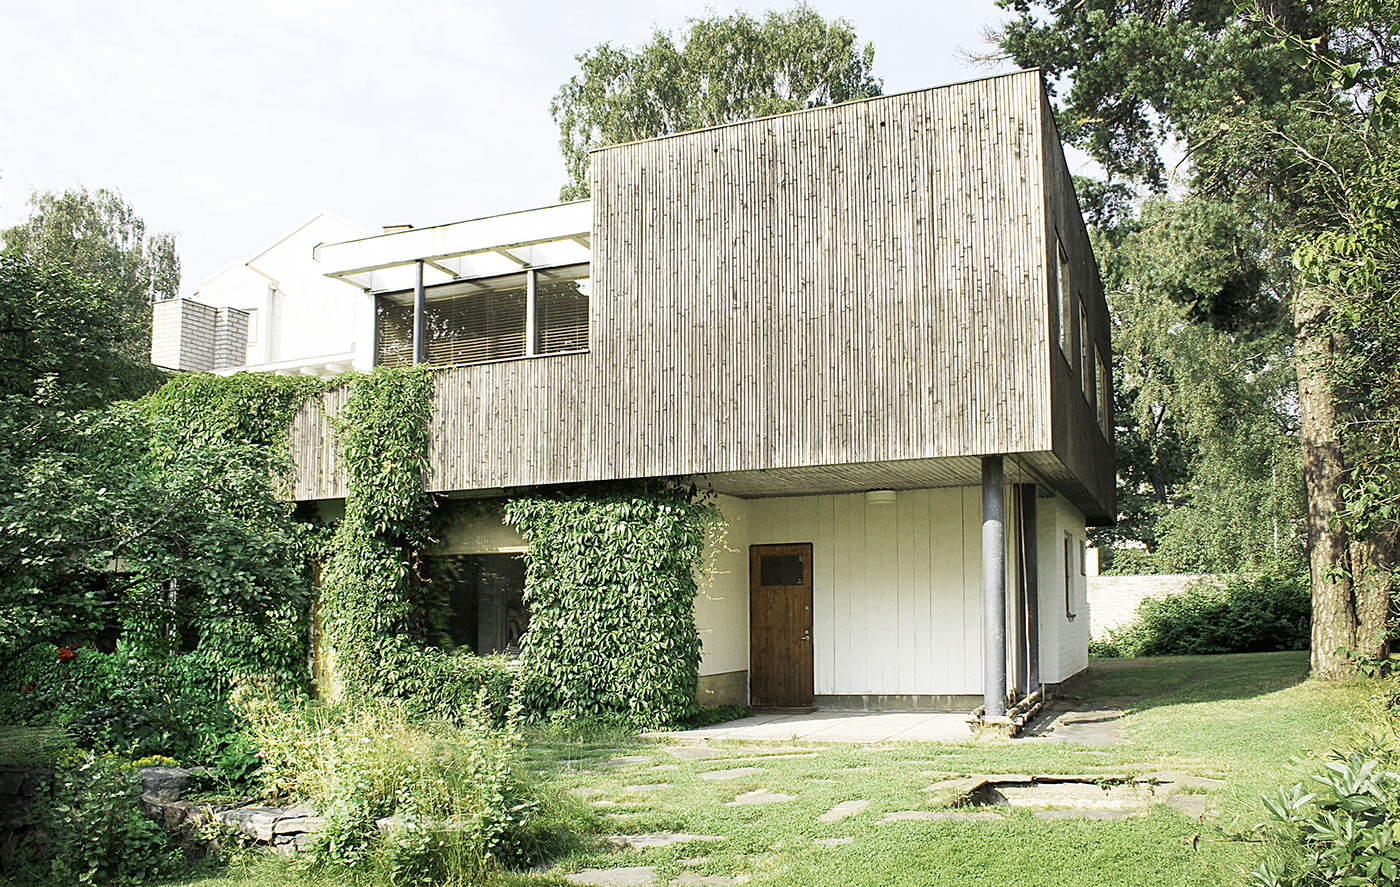 Alvar aalto house on behance for The aalto house